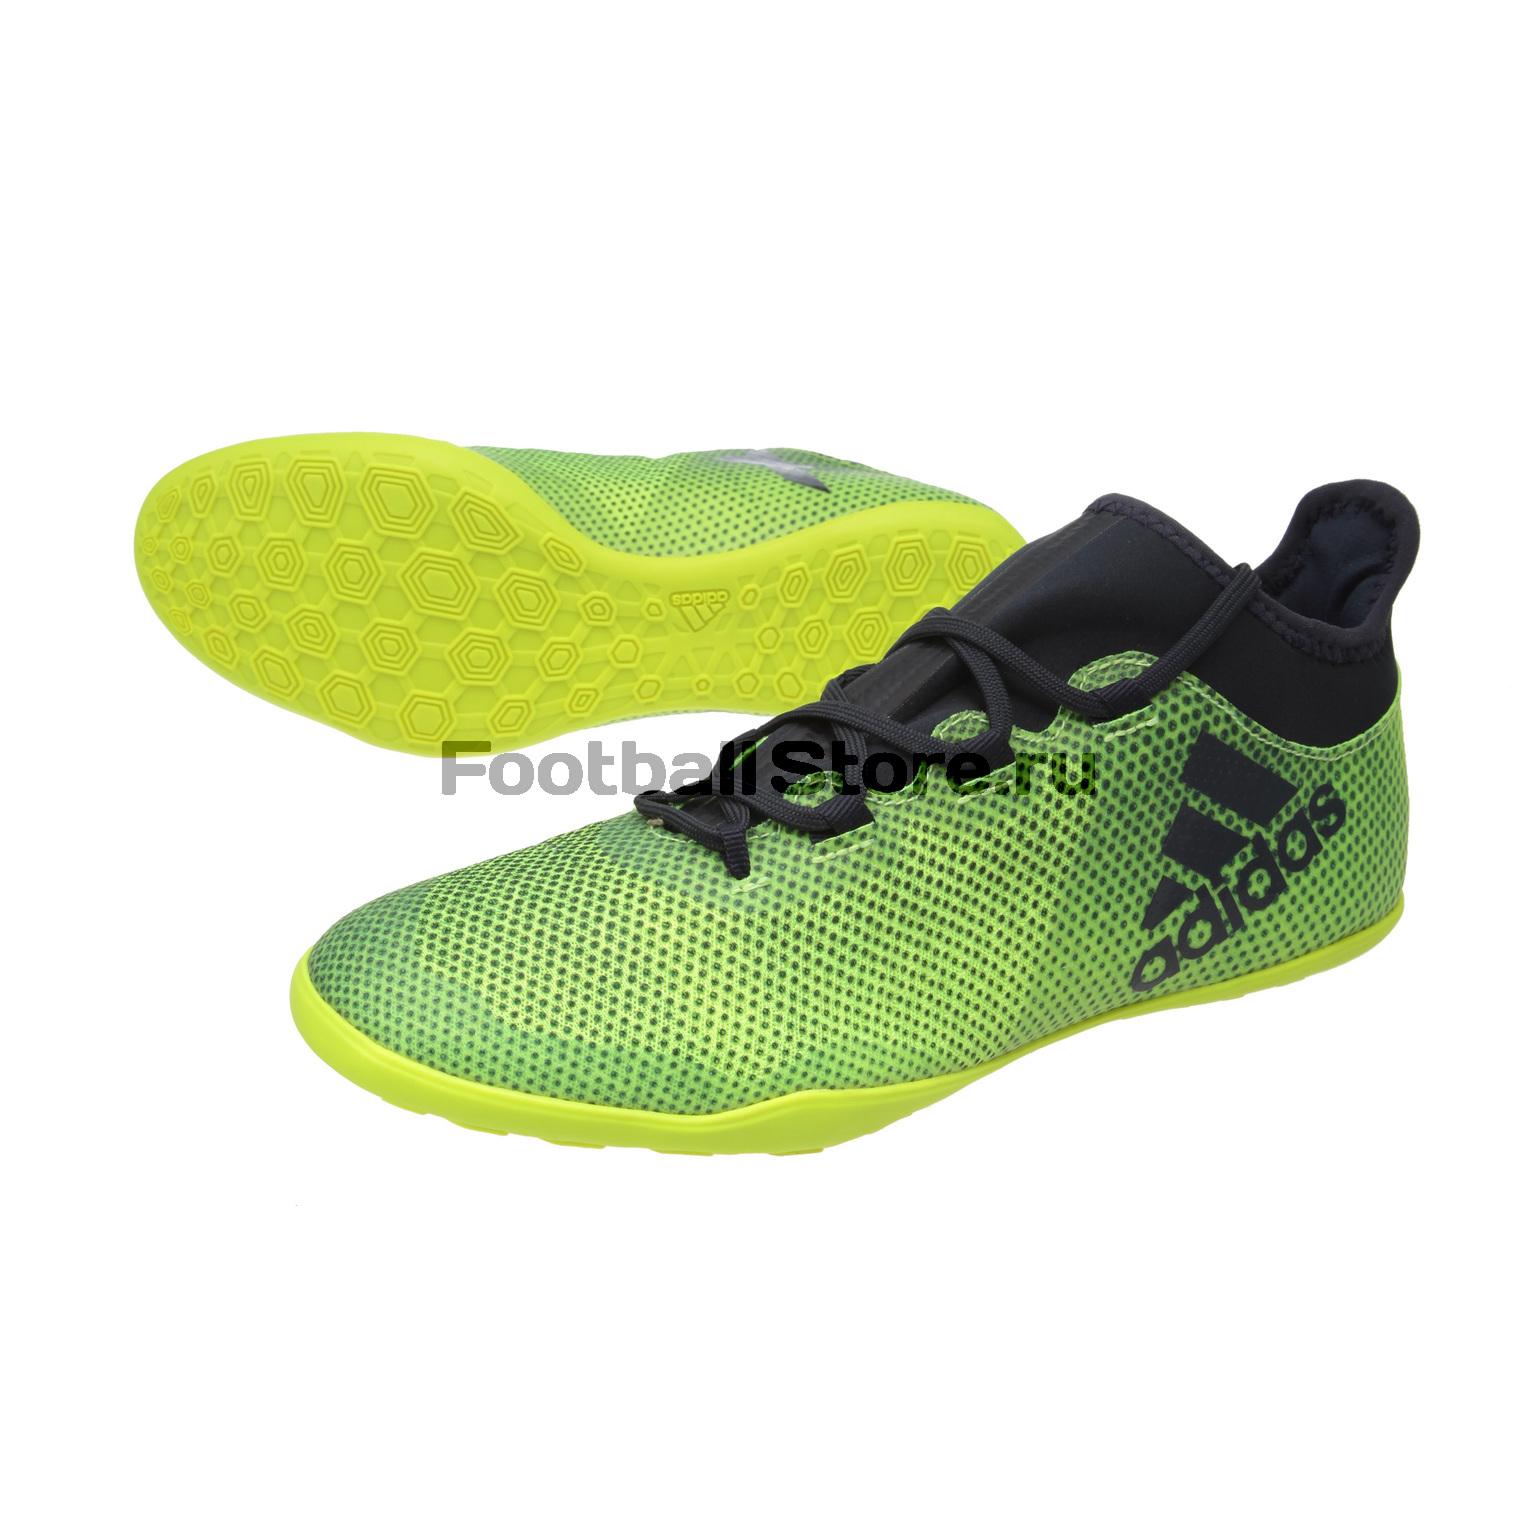 a98eb6082db56a Обувь для зала Adidas X Tango 17.3 IN CG3717 – купить футзалки в ...